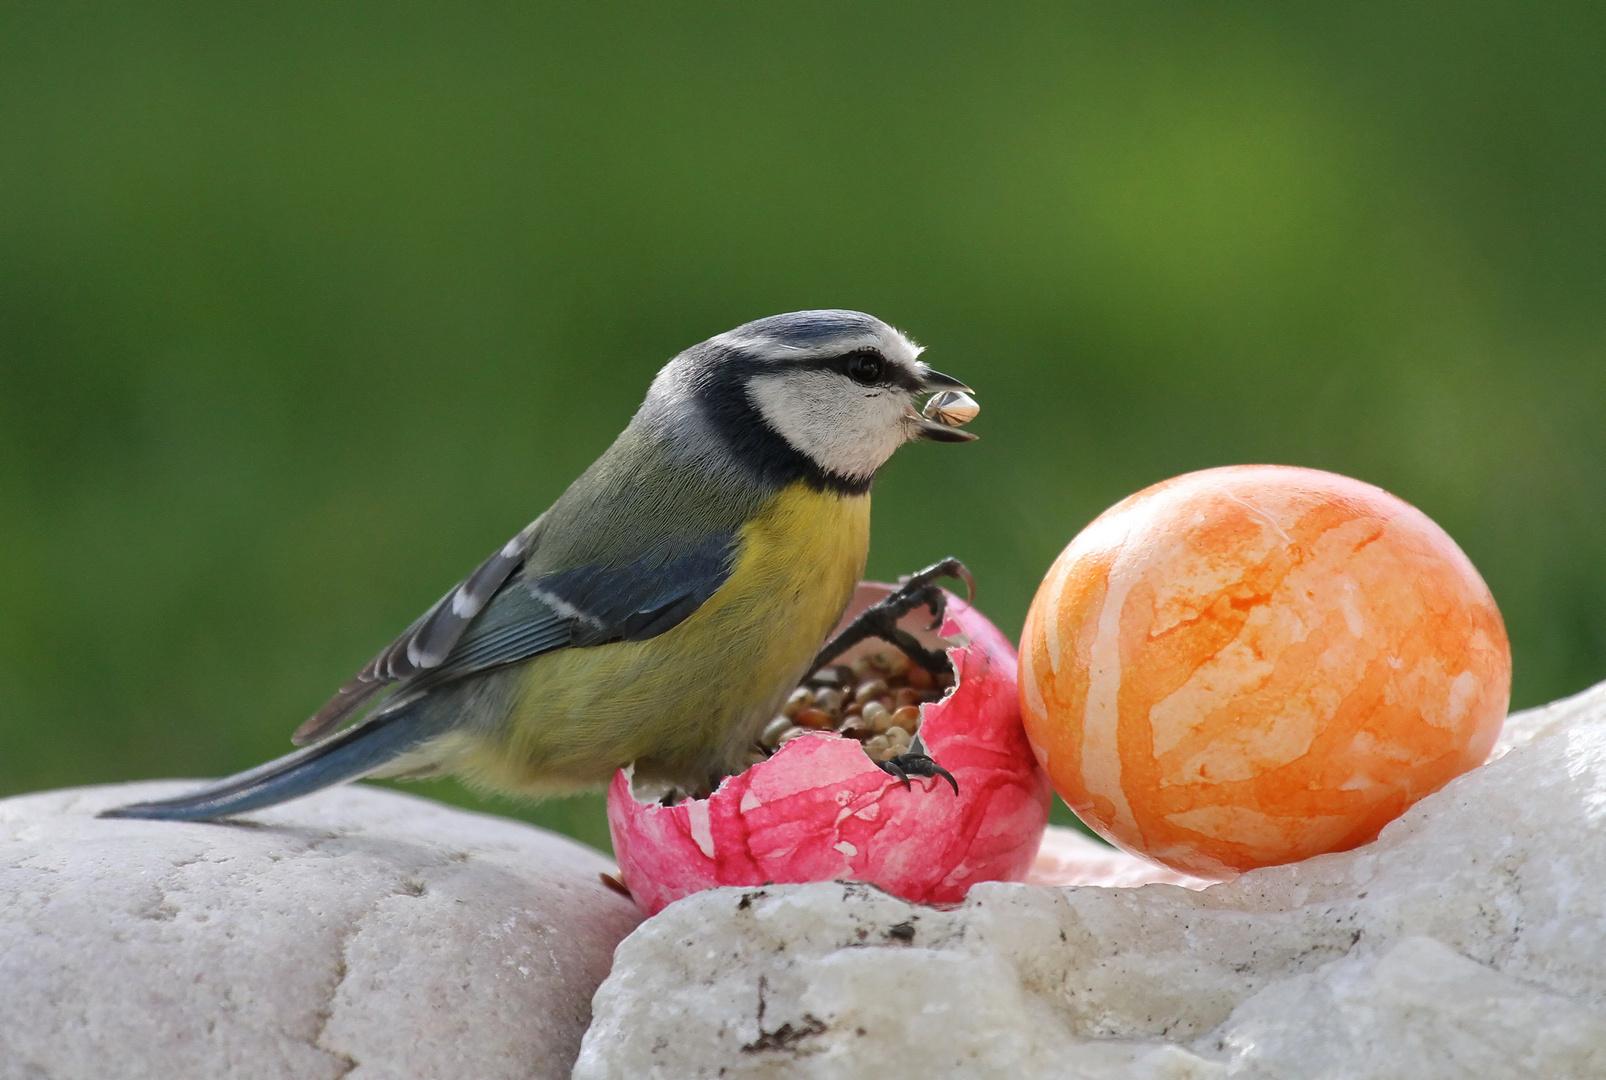 Ich wünsche Euch allen ein schönes und harmonisches Osterfest!!!